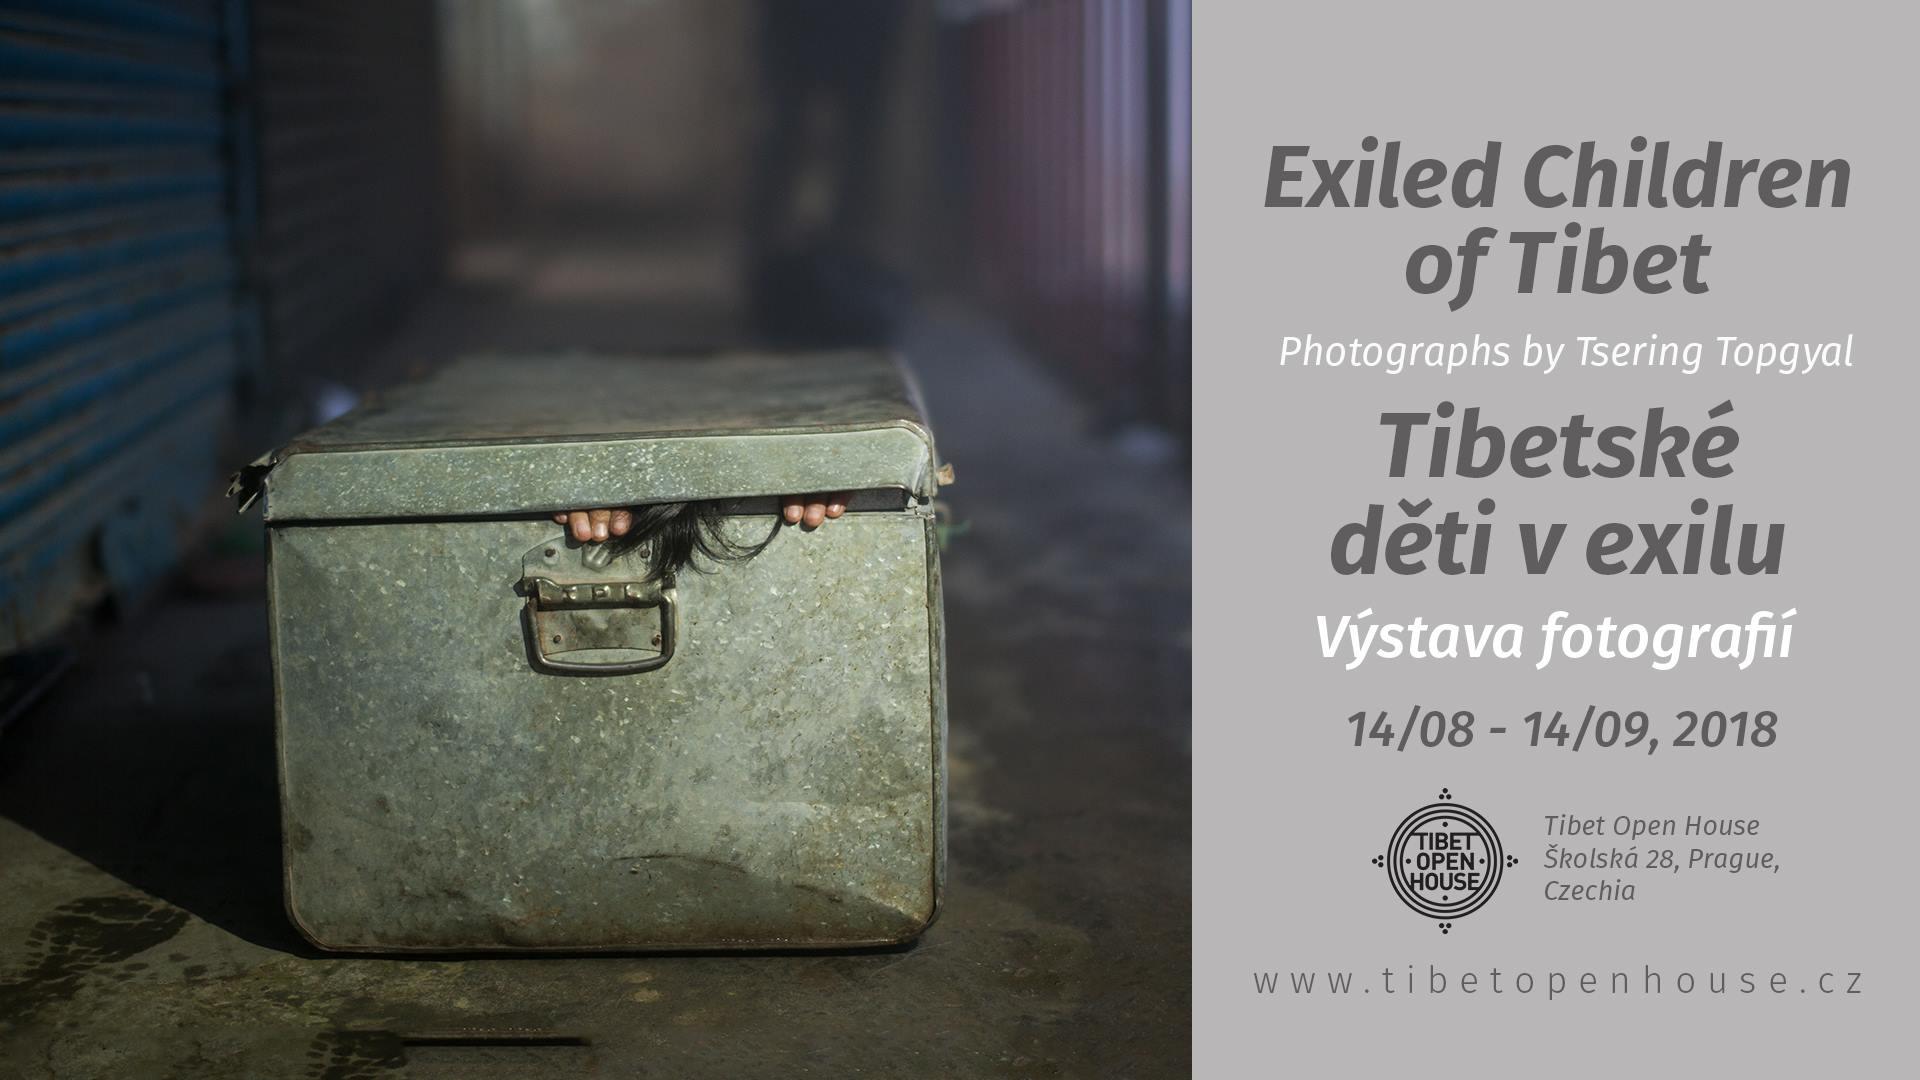 Výstava fotografií Exiled Children of Tibet vTibet Open House